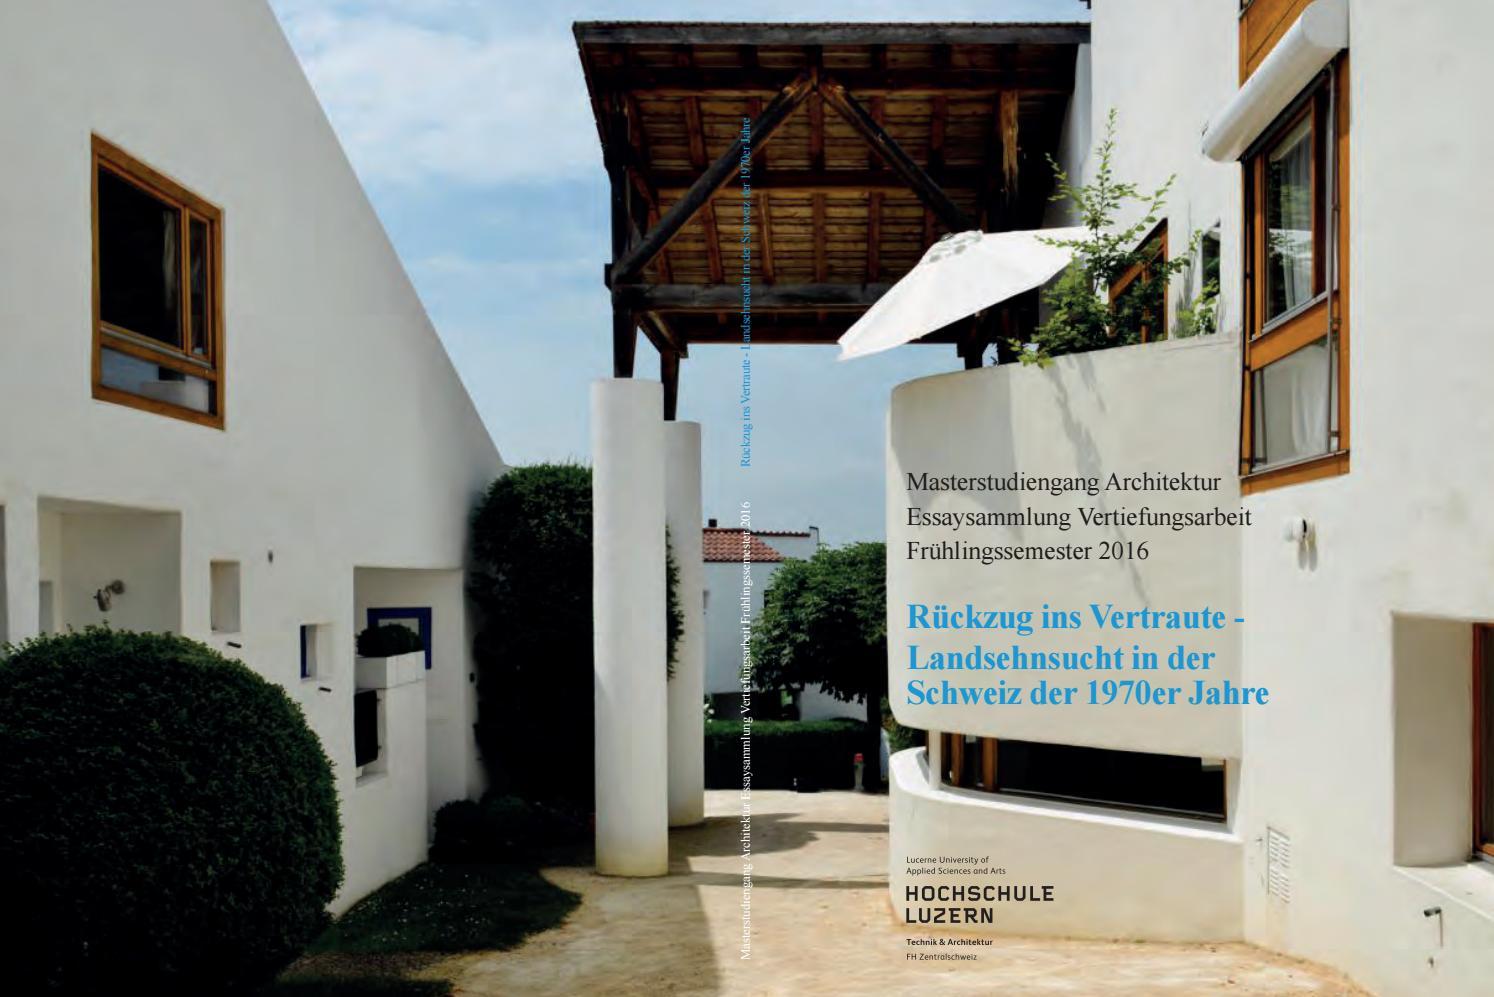 Jahrbuch vom TI umer- und Brienzersee 1 9 6 2